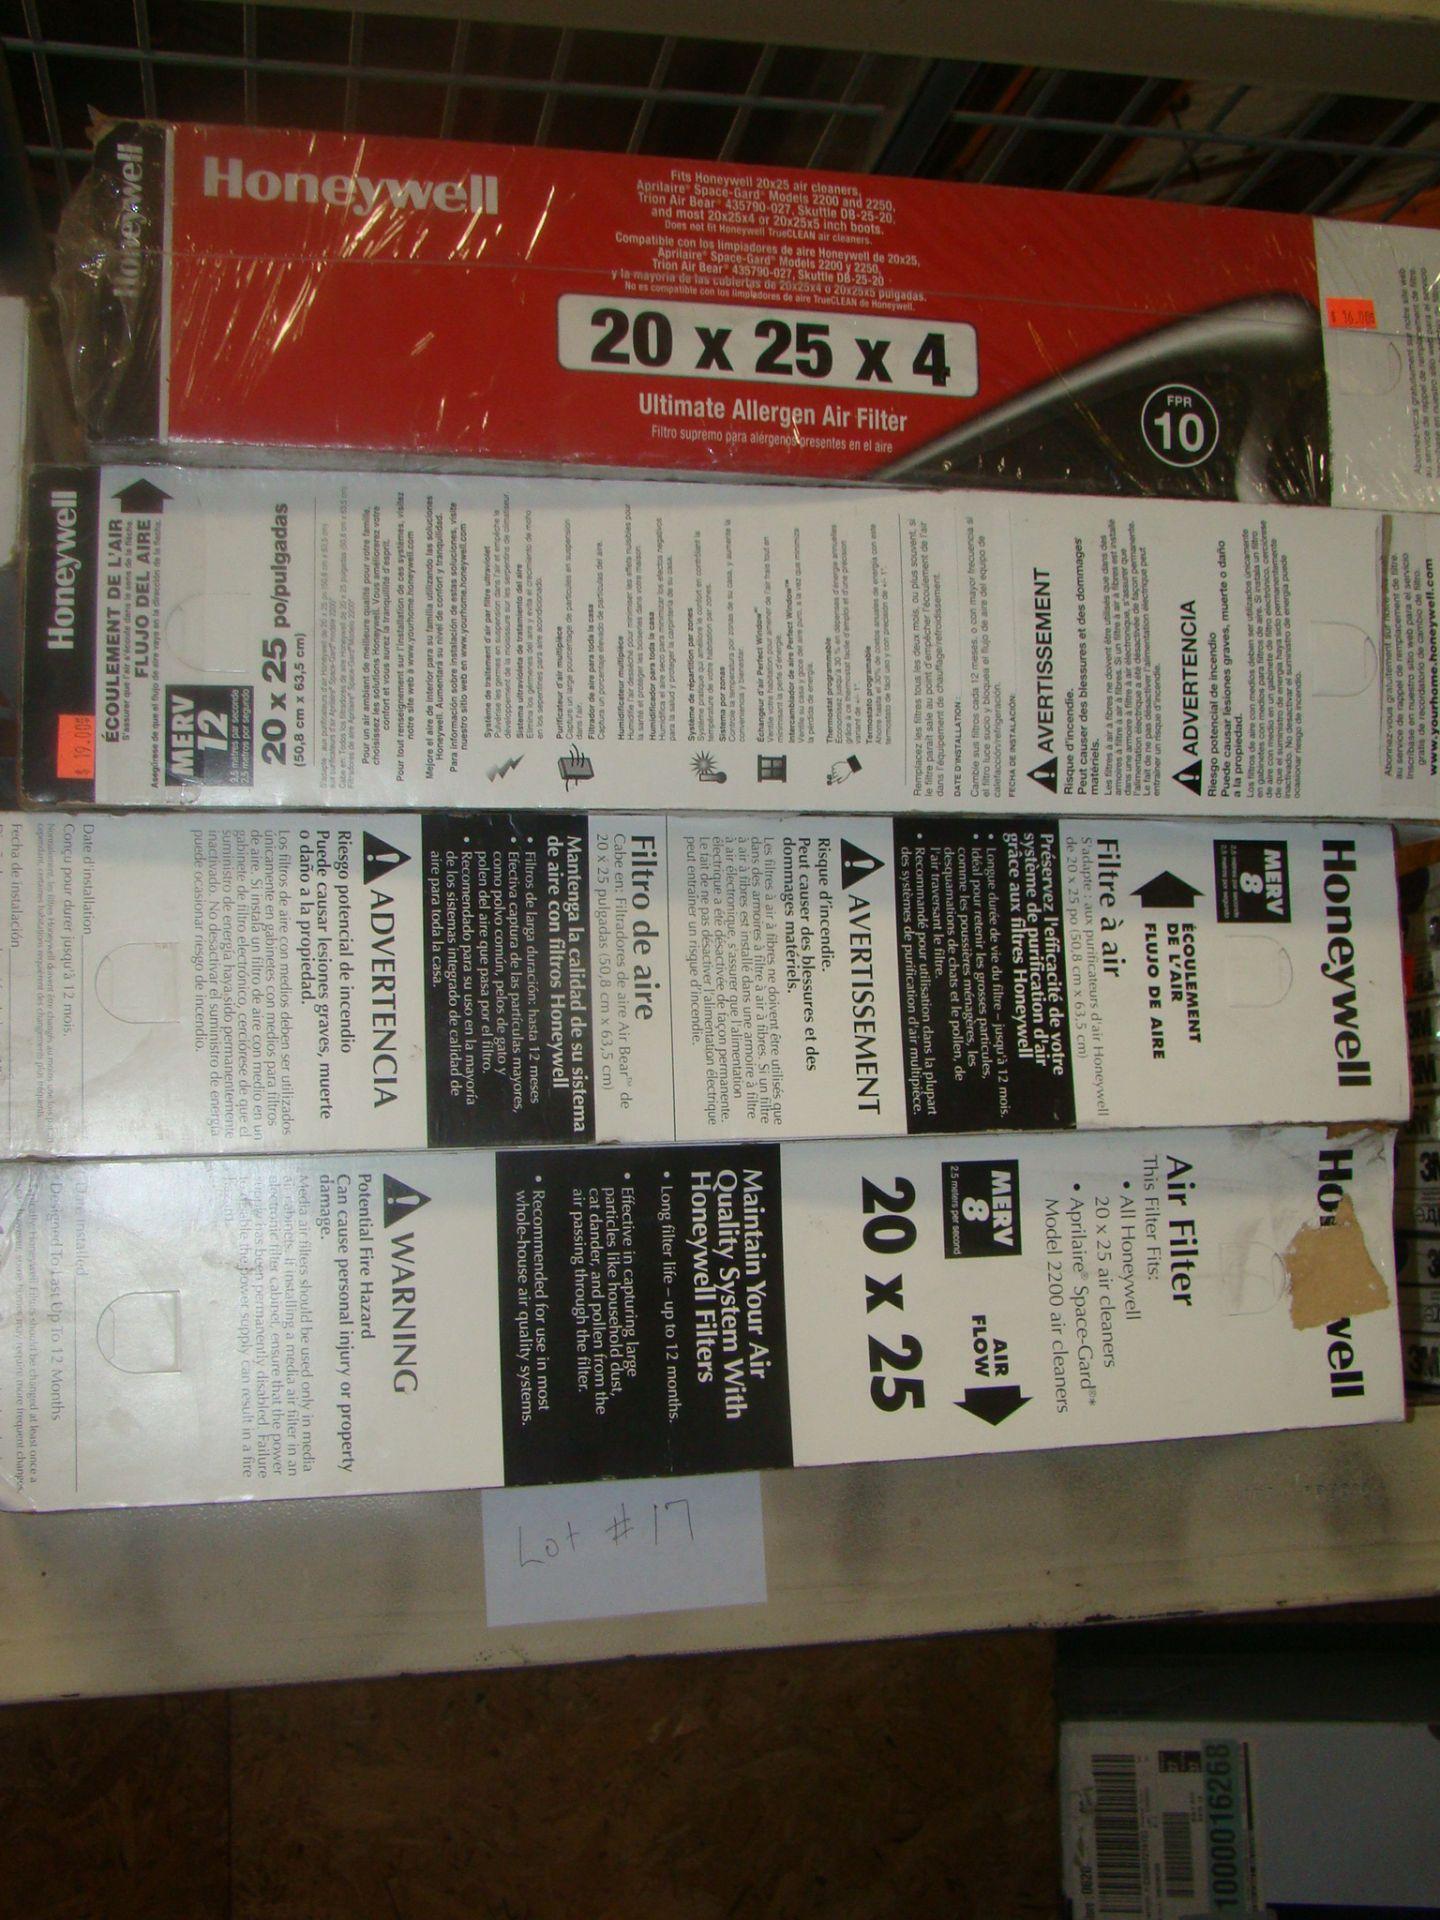 Lot 17 - Honeywell Ultimate Allergen Air Filter 20x25x4;